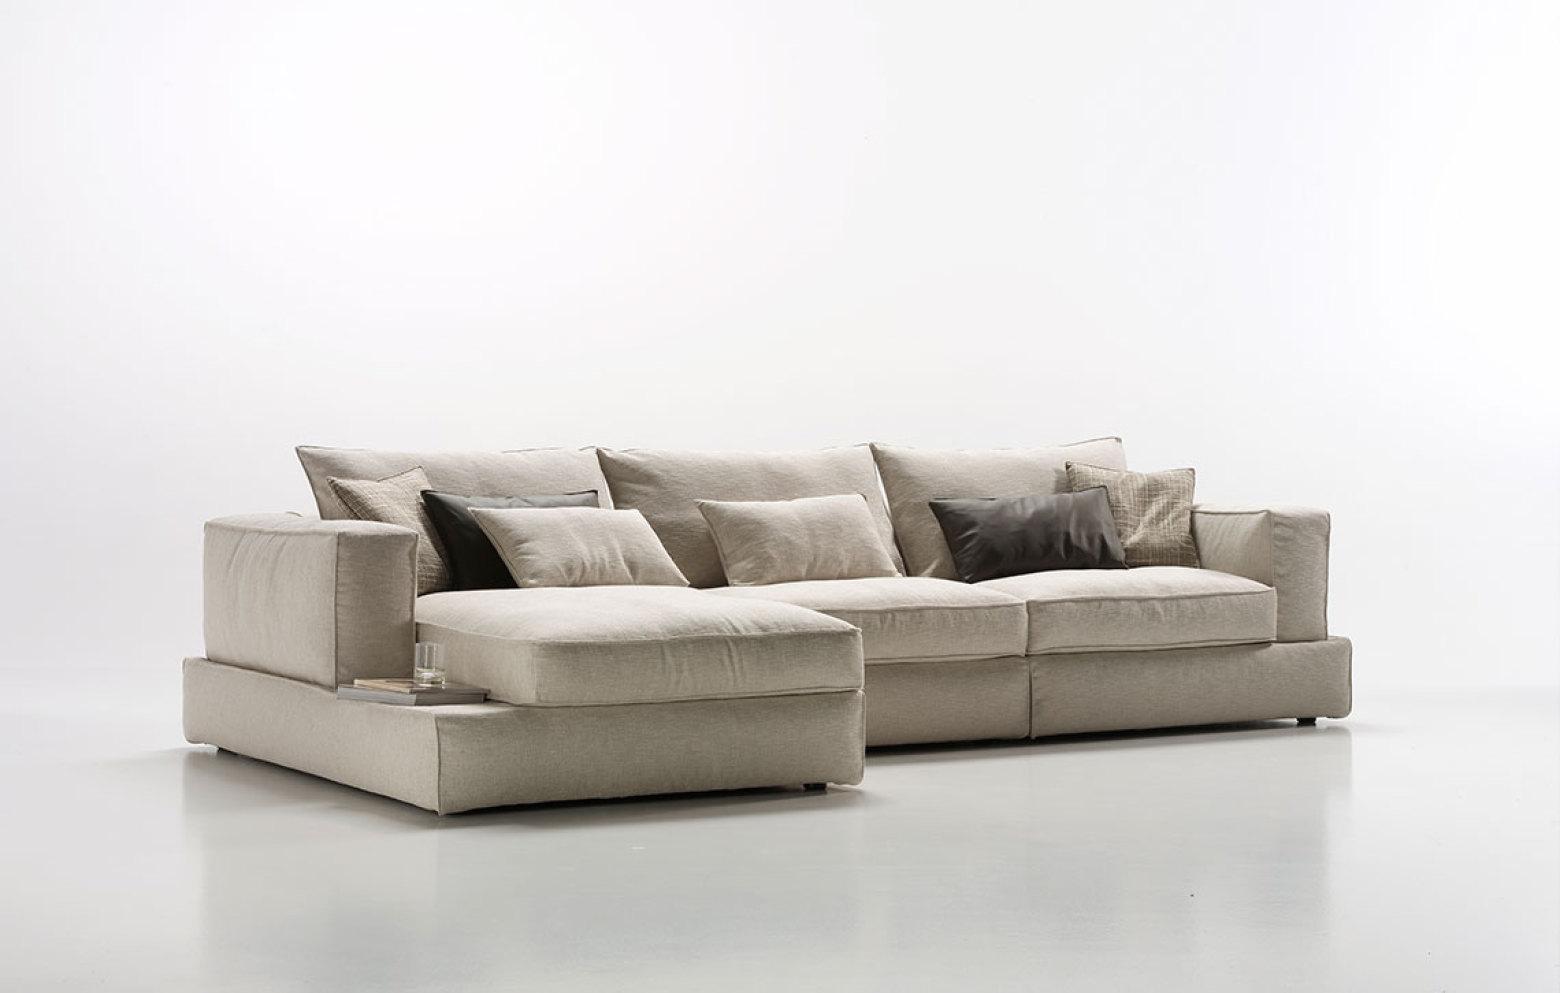 designer ecksofa caresse jetzt g nstig kaufen. Black Bedroom Furniture Sets. Home Design Ideas